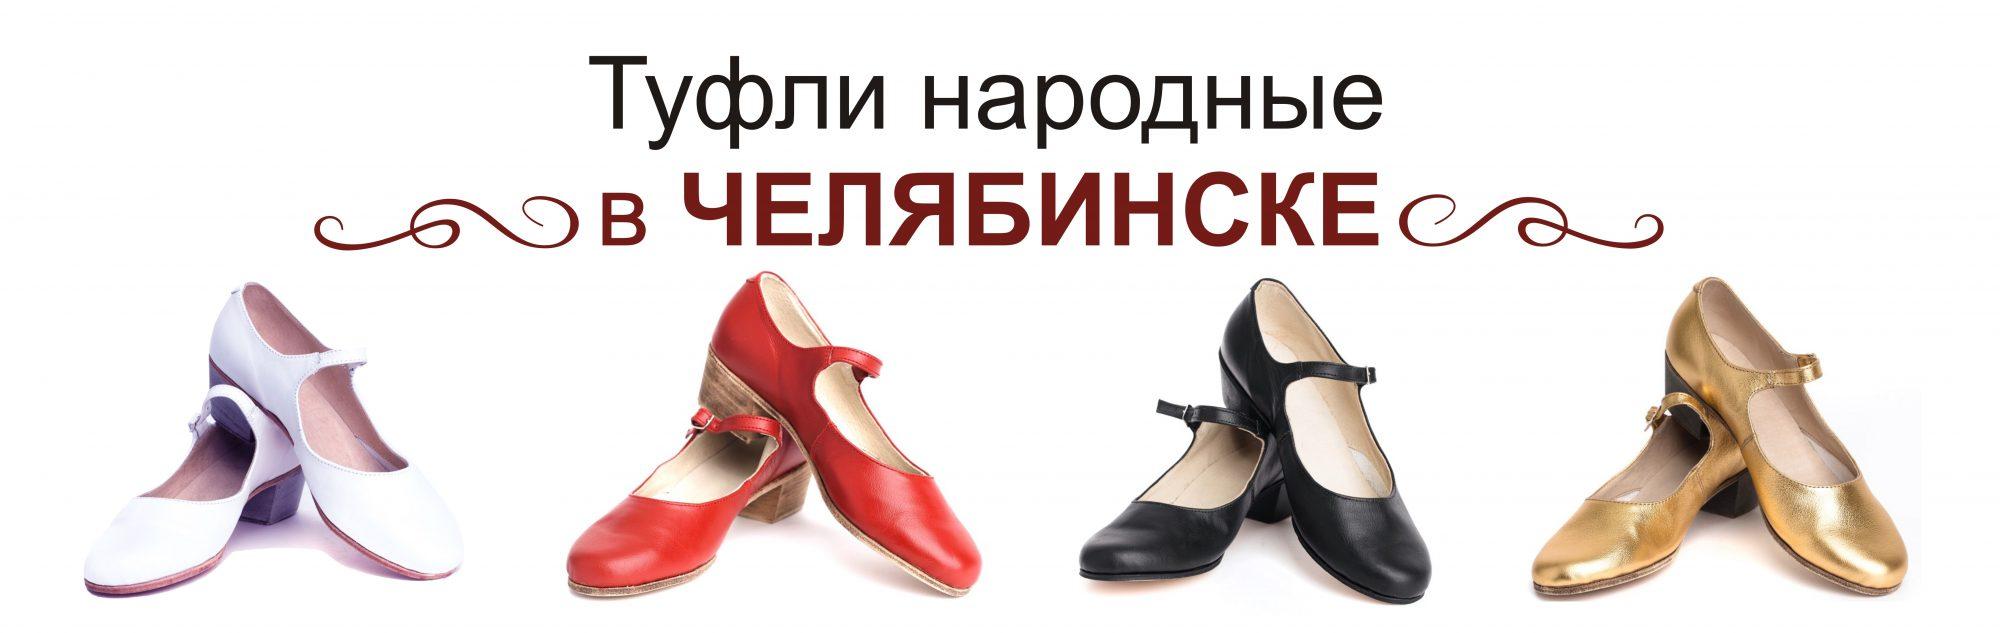 Народные туфли Челябинск